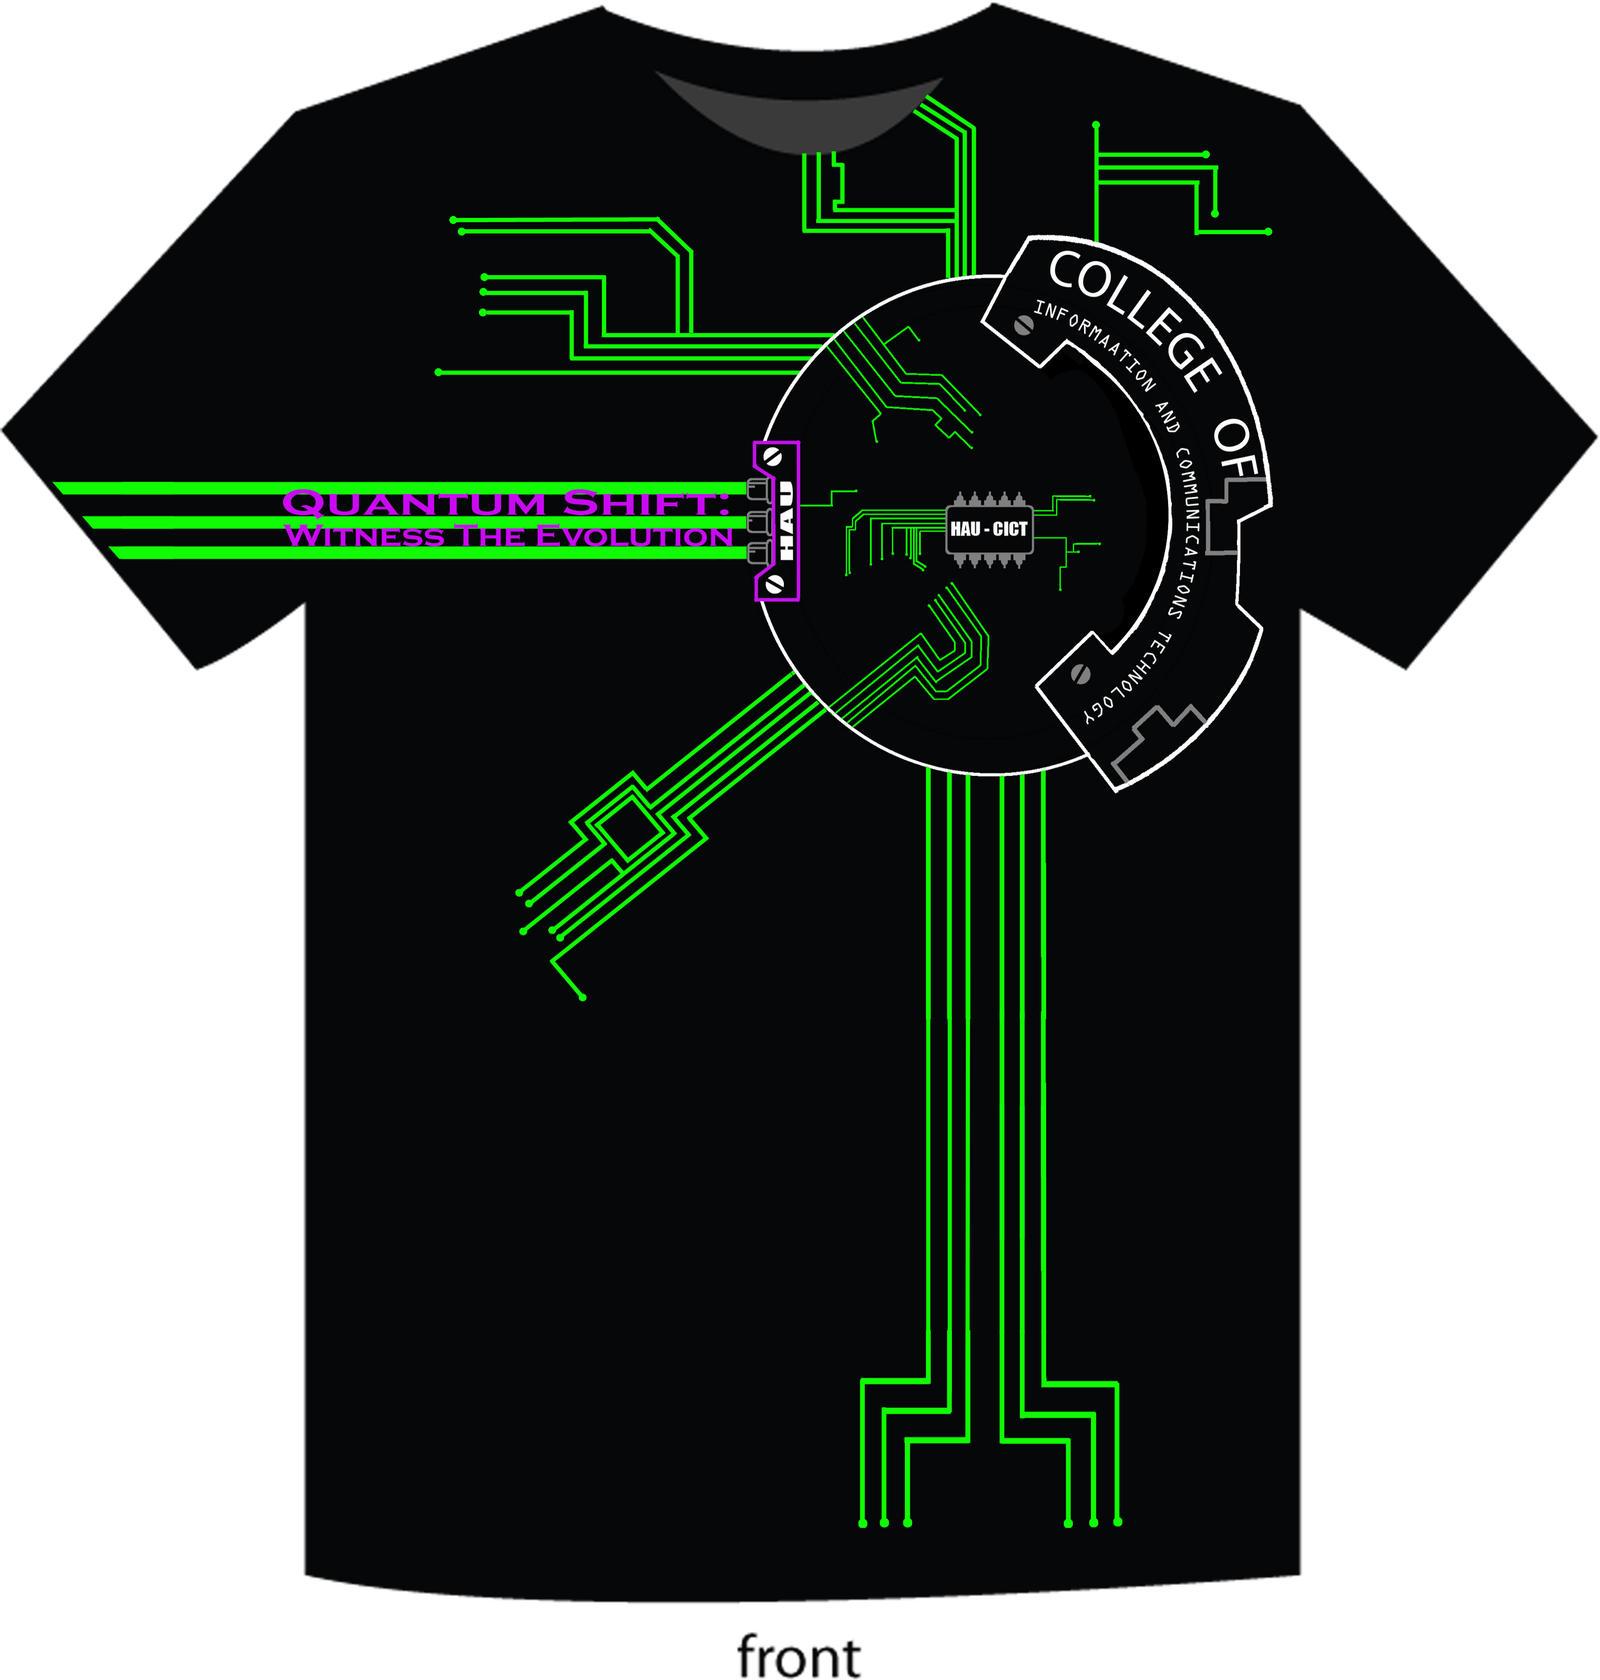 Shirt design green -  Cict T Shirt Design Front By Seventeenth Tragedy